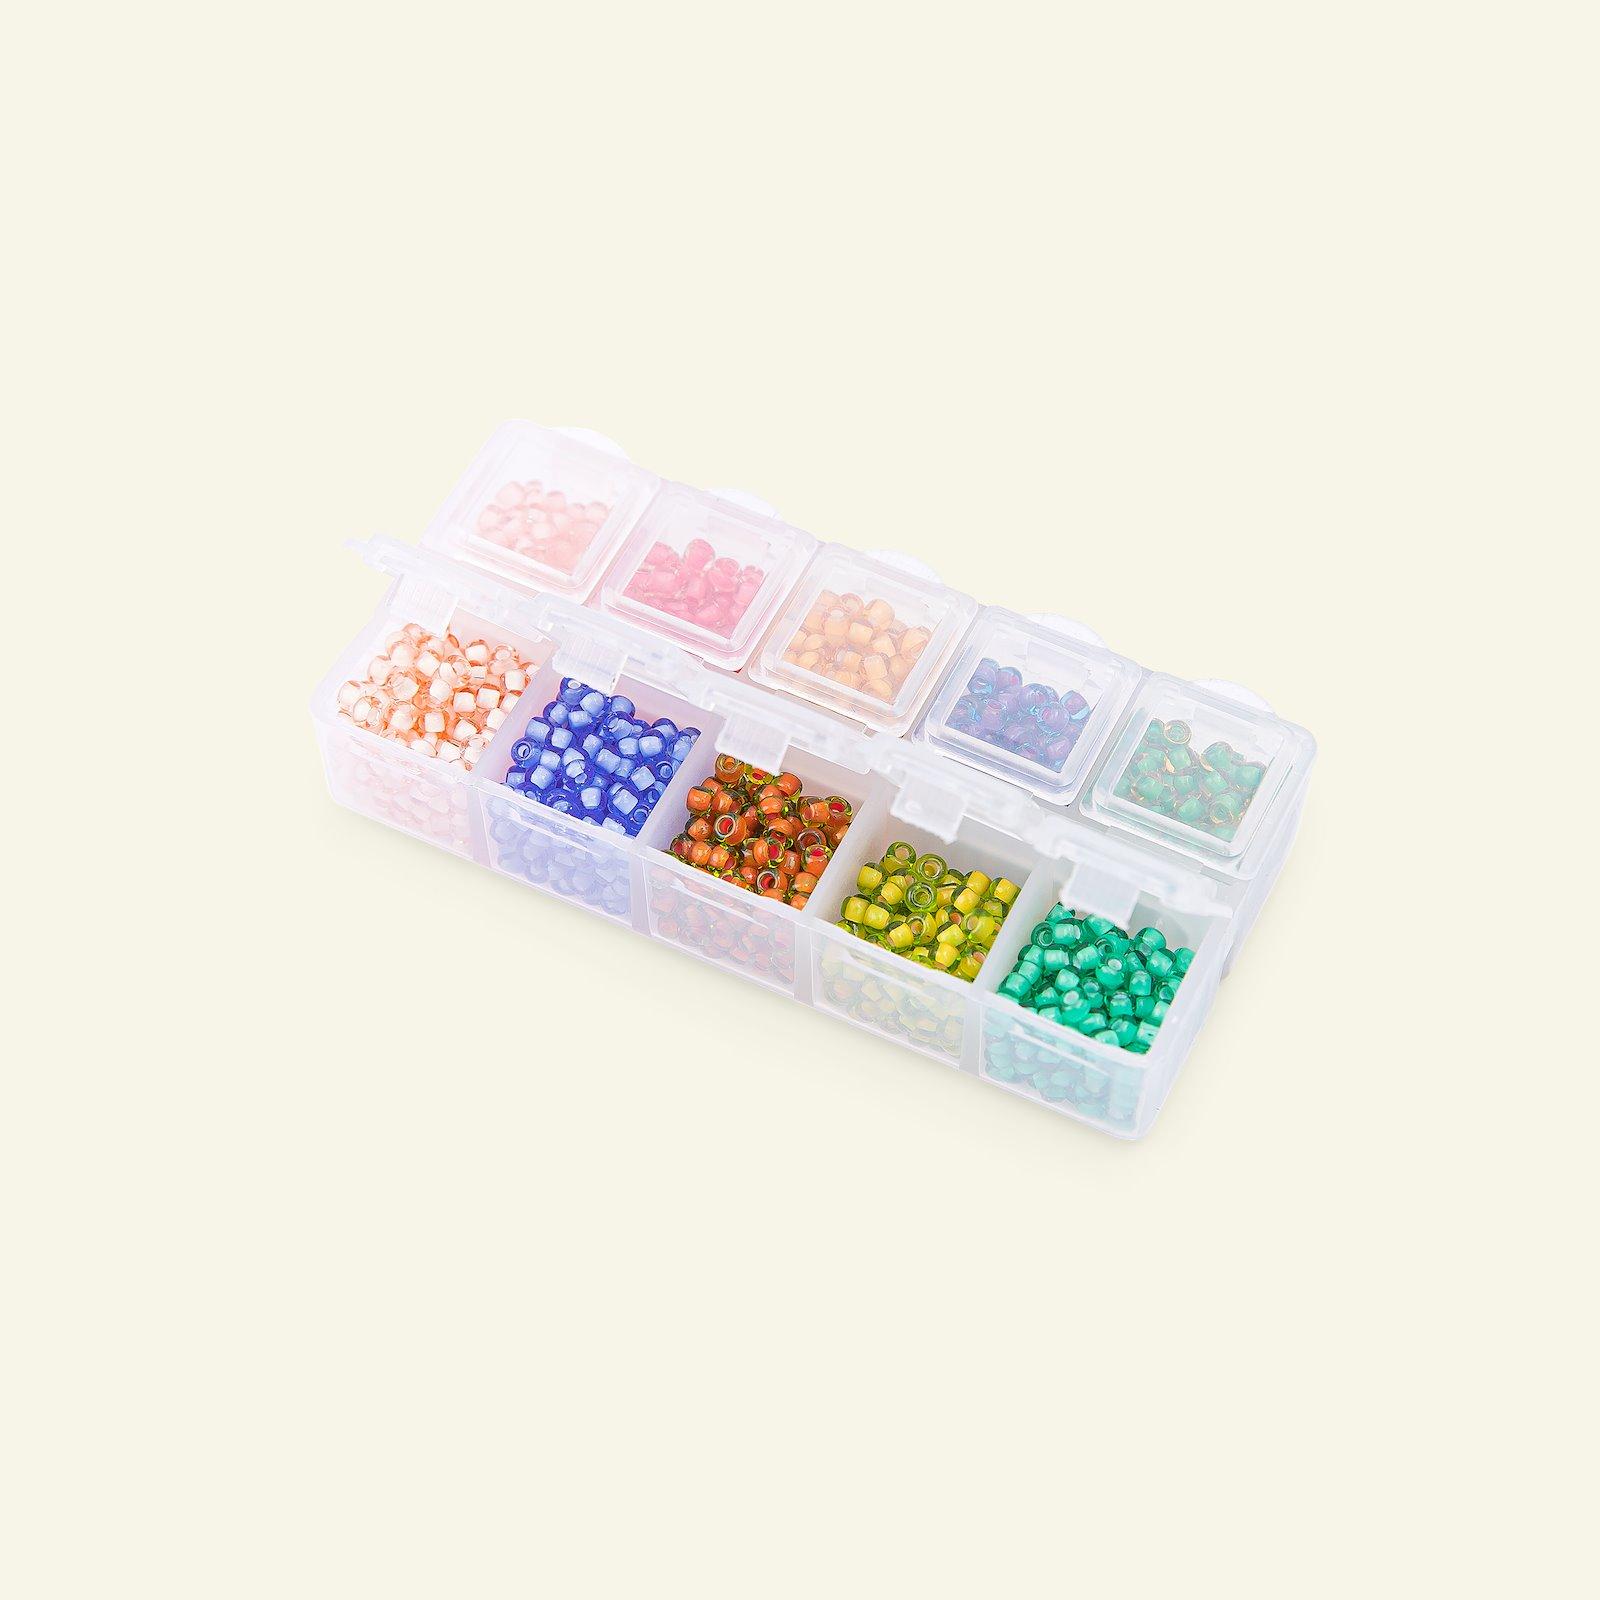 Matsuno Glasperlen rund 8/0 10farbig 40g 47198_pack_b